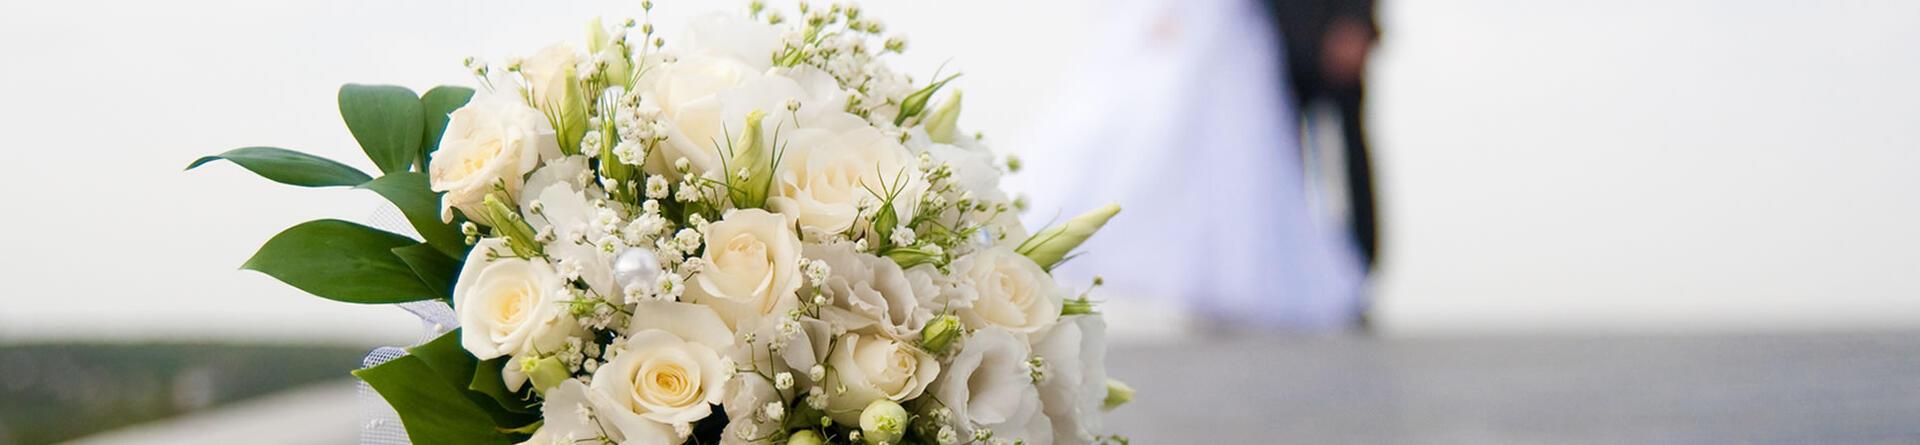 hotelnautiluspesaro en wedding-location-pesaro 009